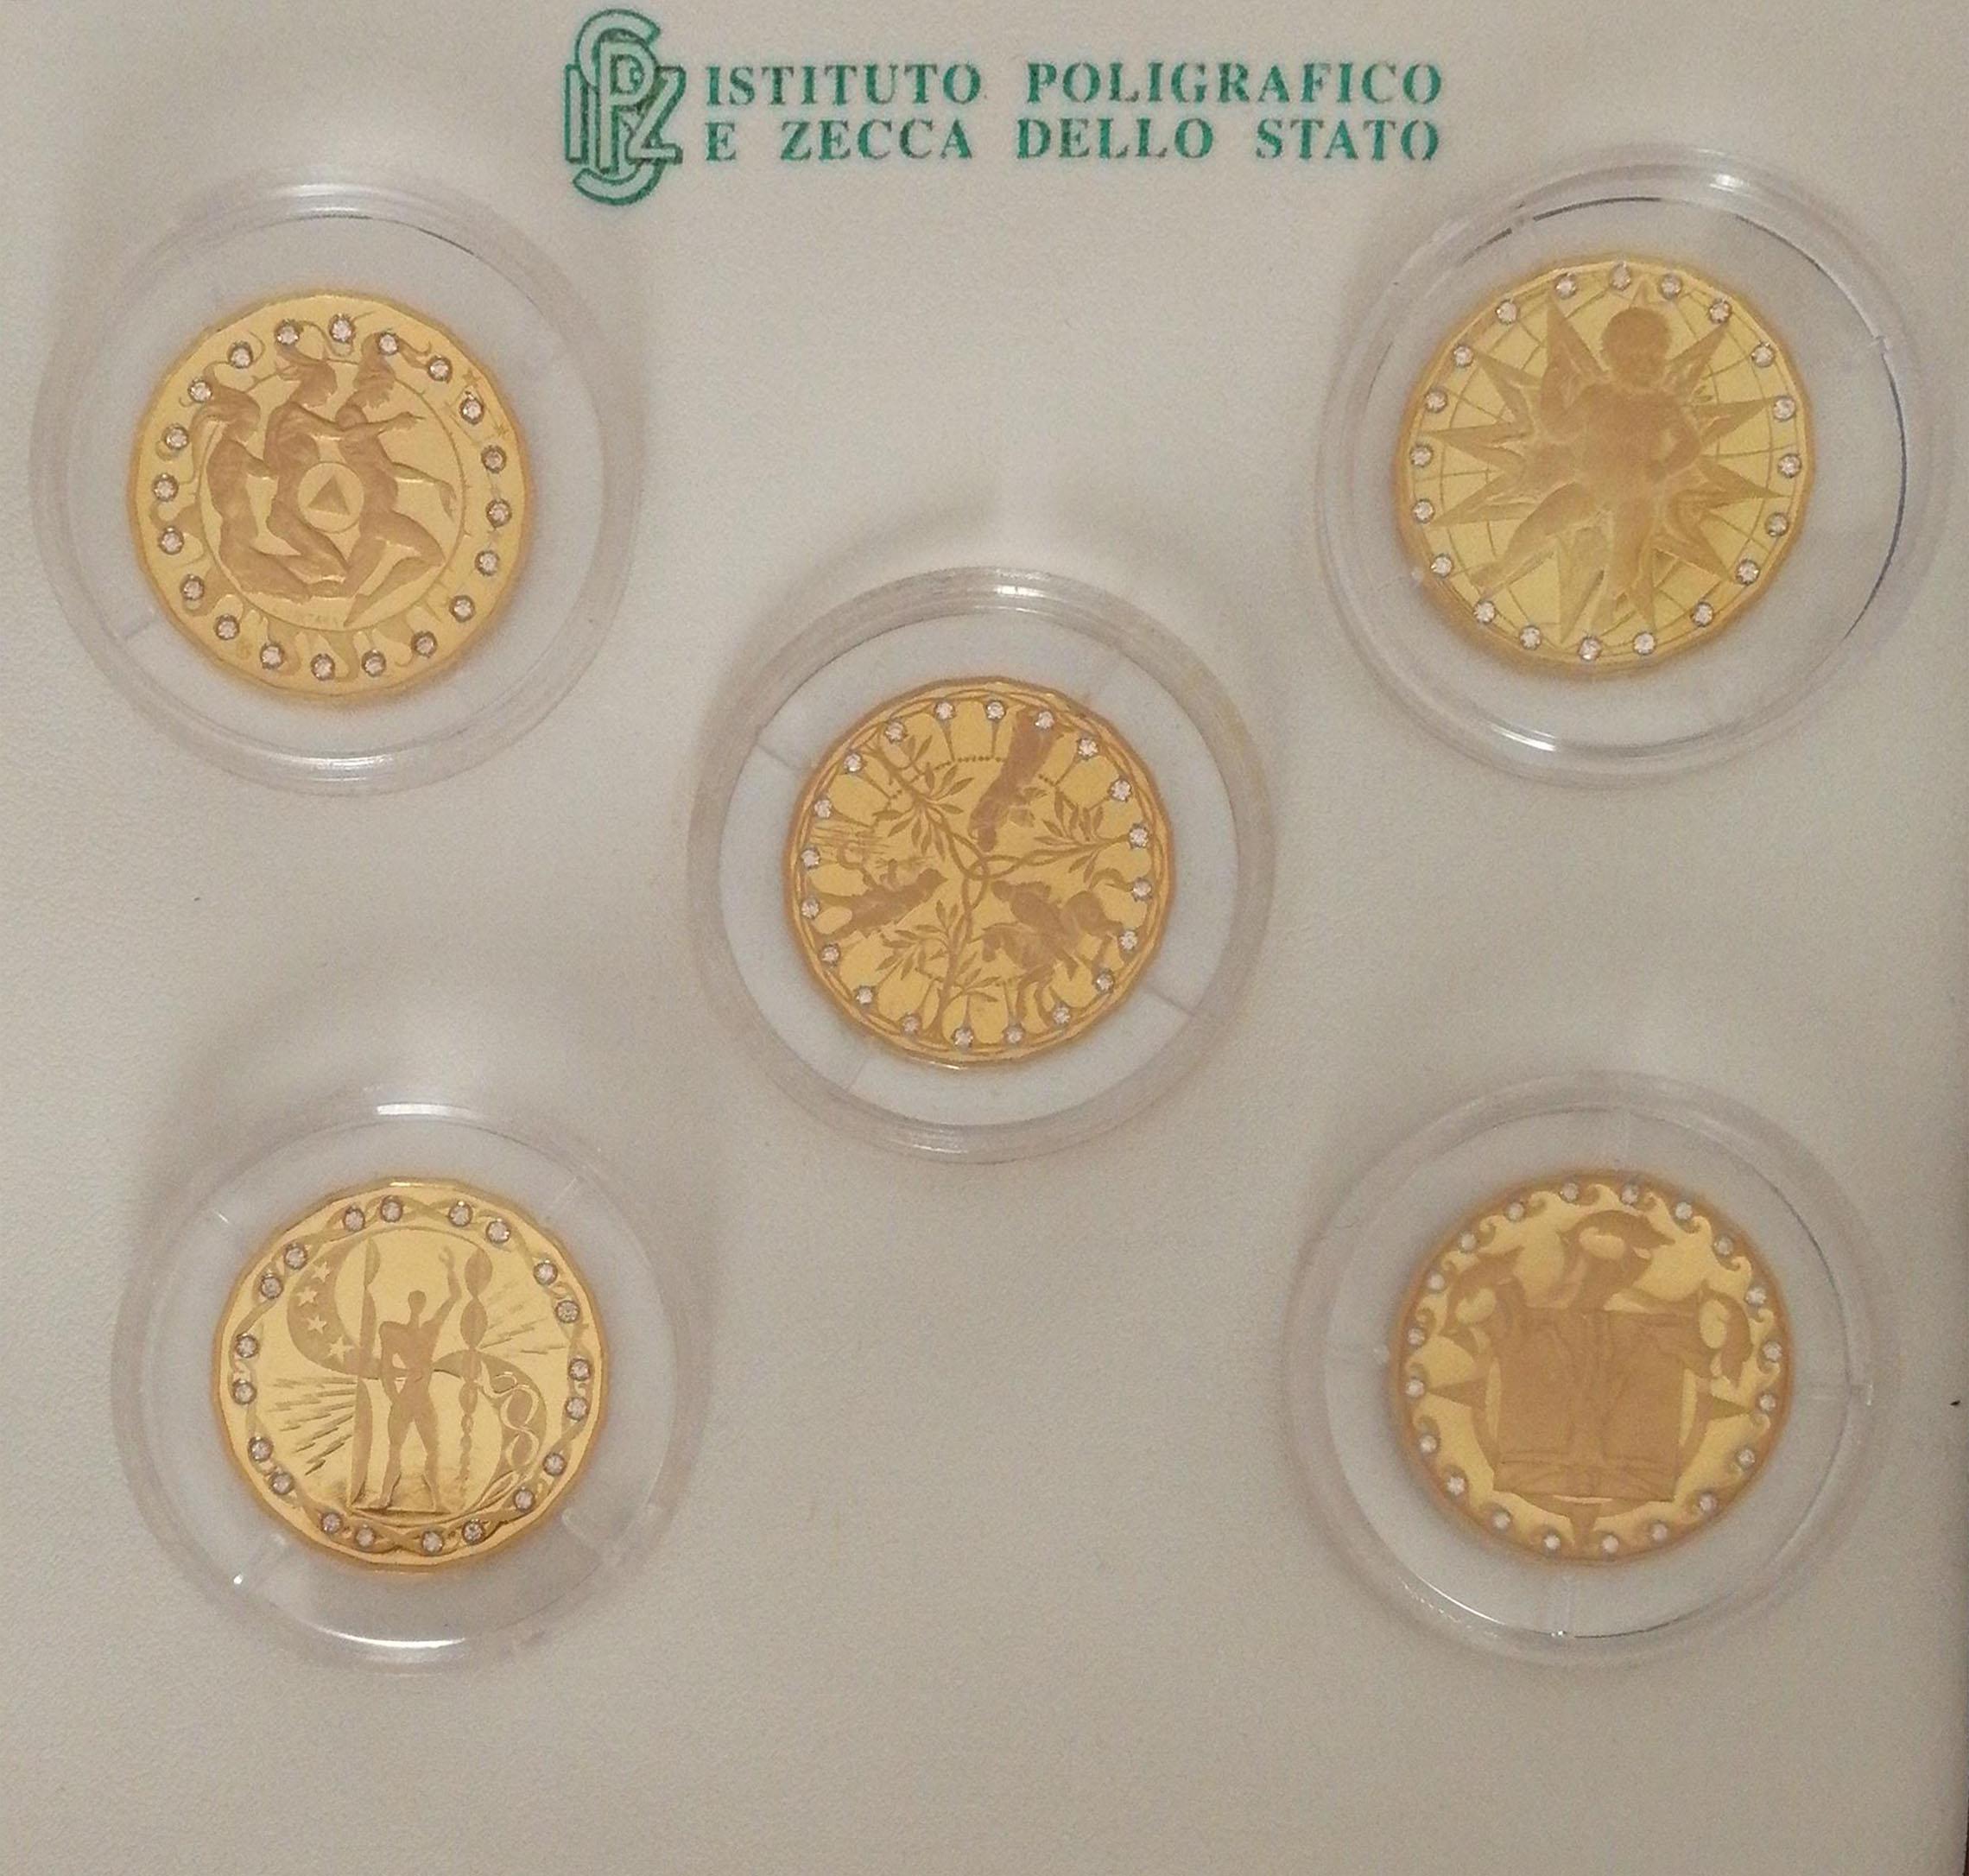 Moneta 2000 III Millennio – IPZS